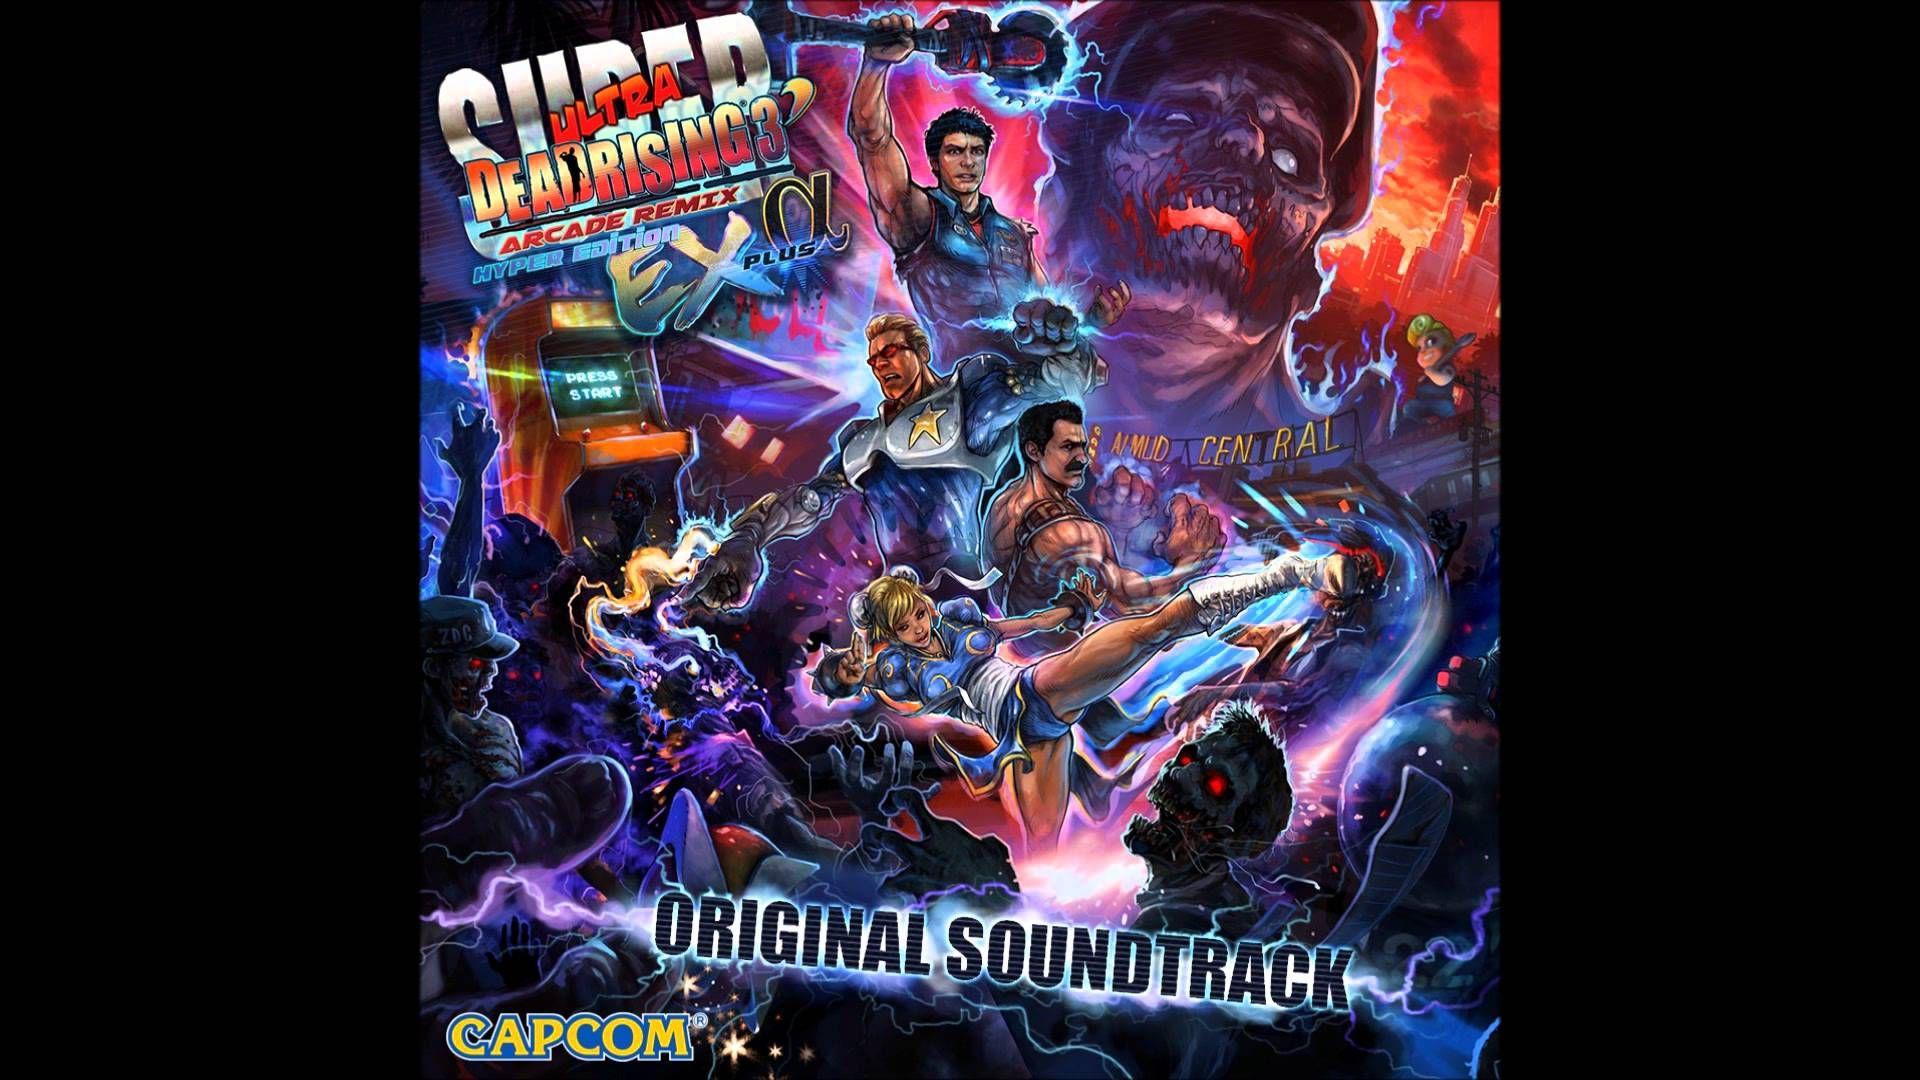 Super Ultra Dead Rising 3 Arcade Remix Hyper Edition EX Plus Alpha- Sigma (Mega Man X4)